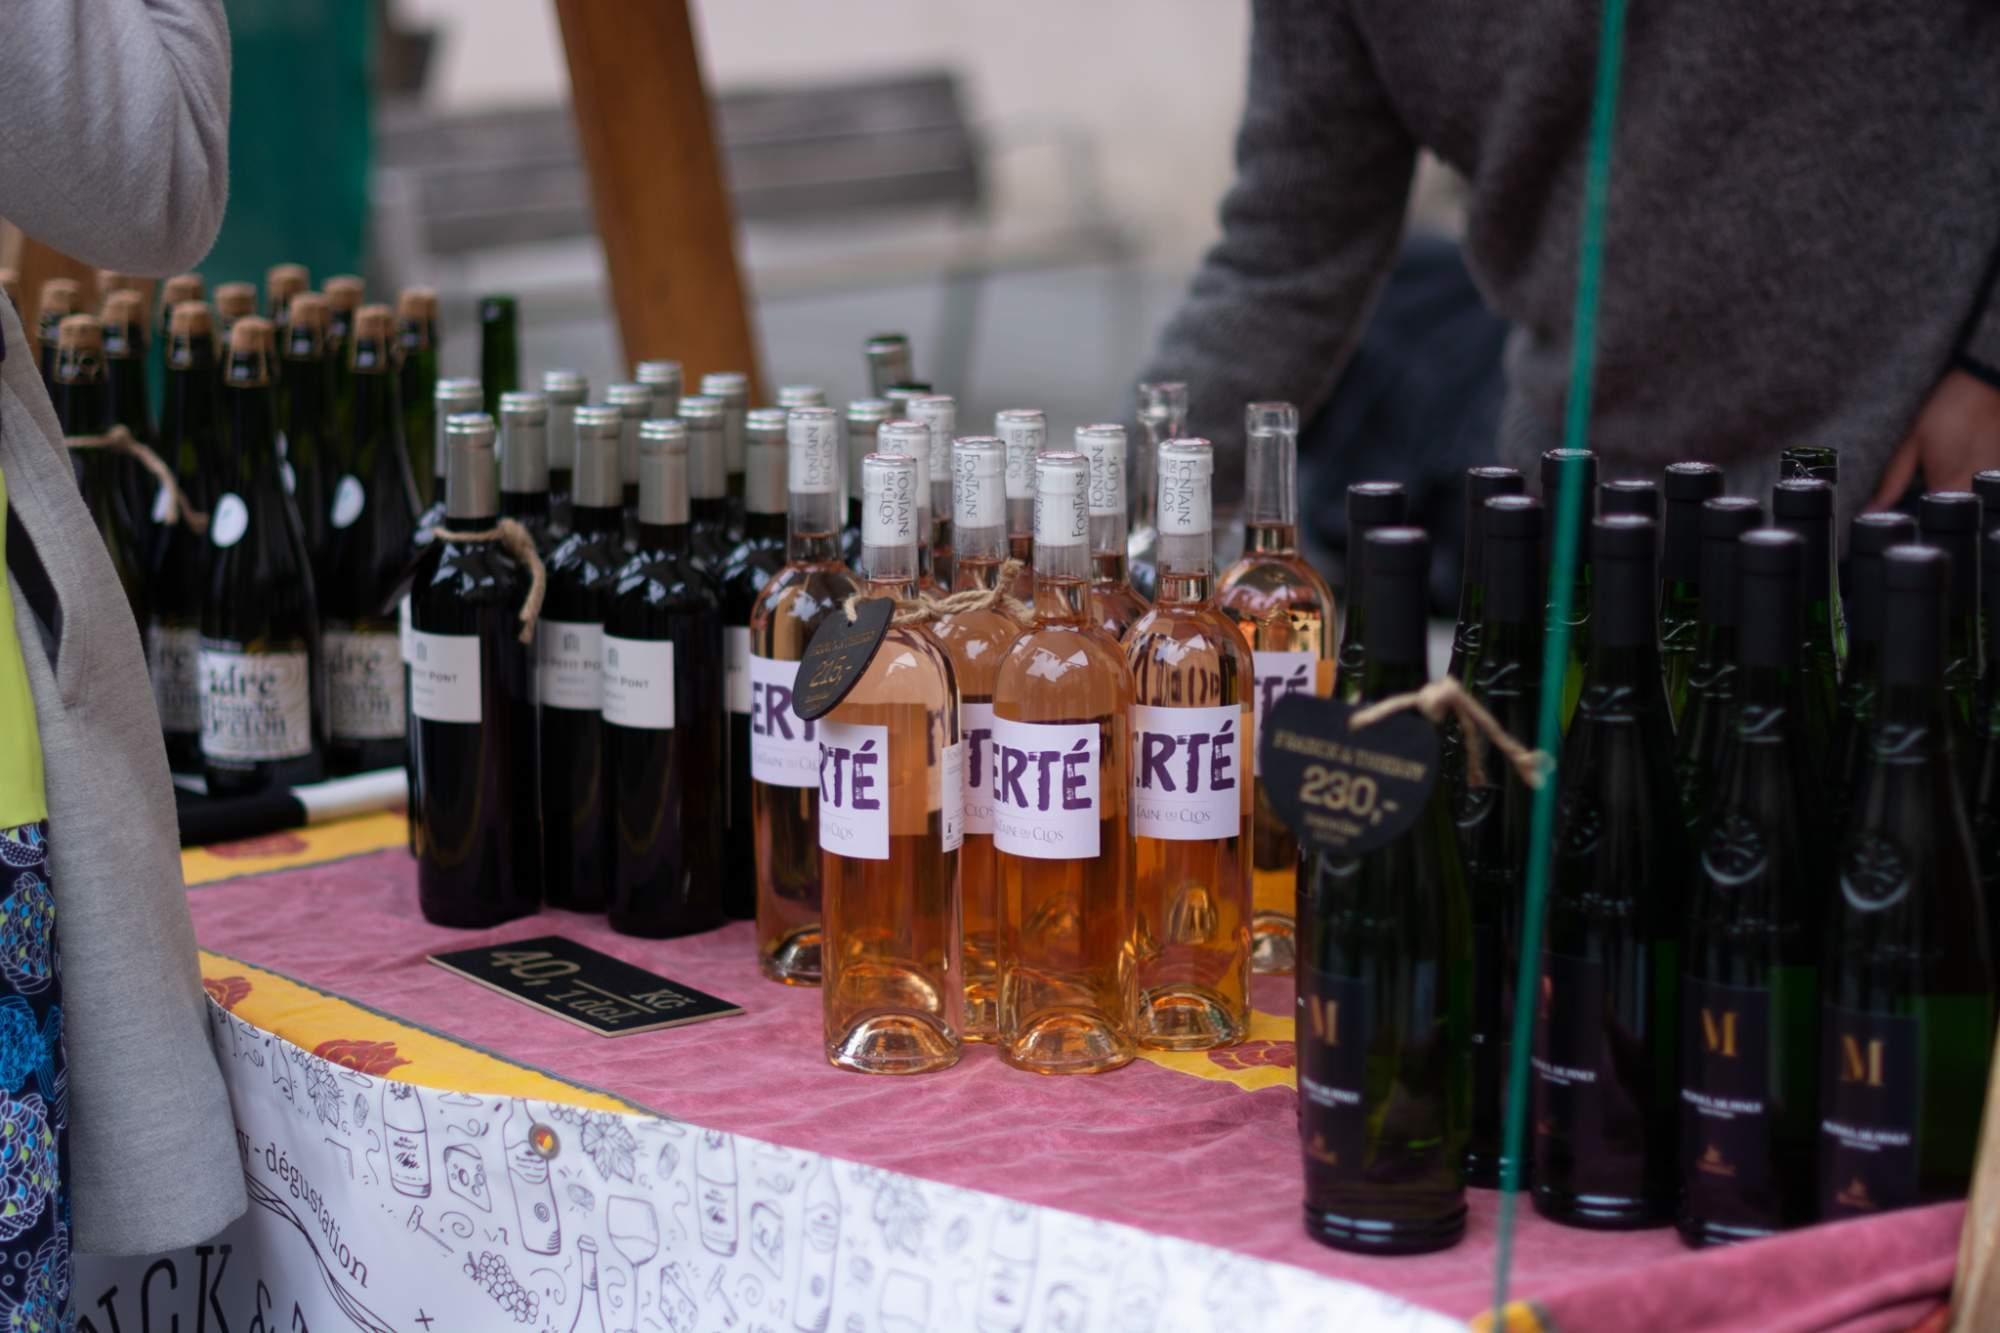 Nejpopulárnější vína byla červená z francouzské oblasti Bordeaux. Foto: Anna Viktorinová